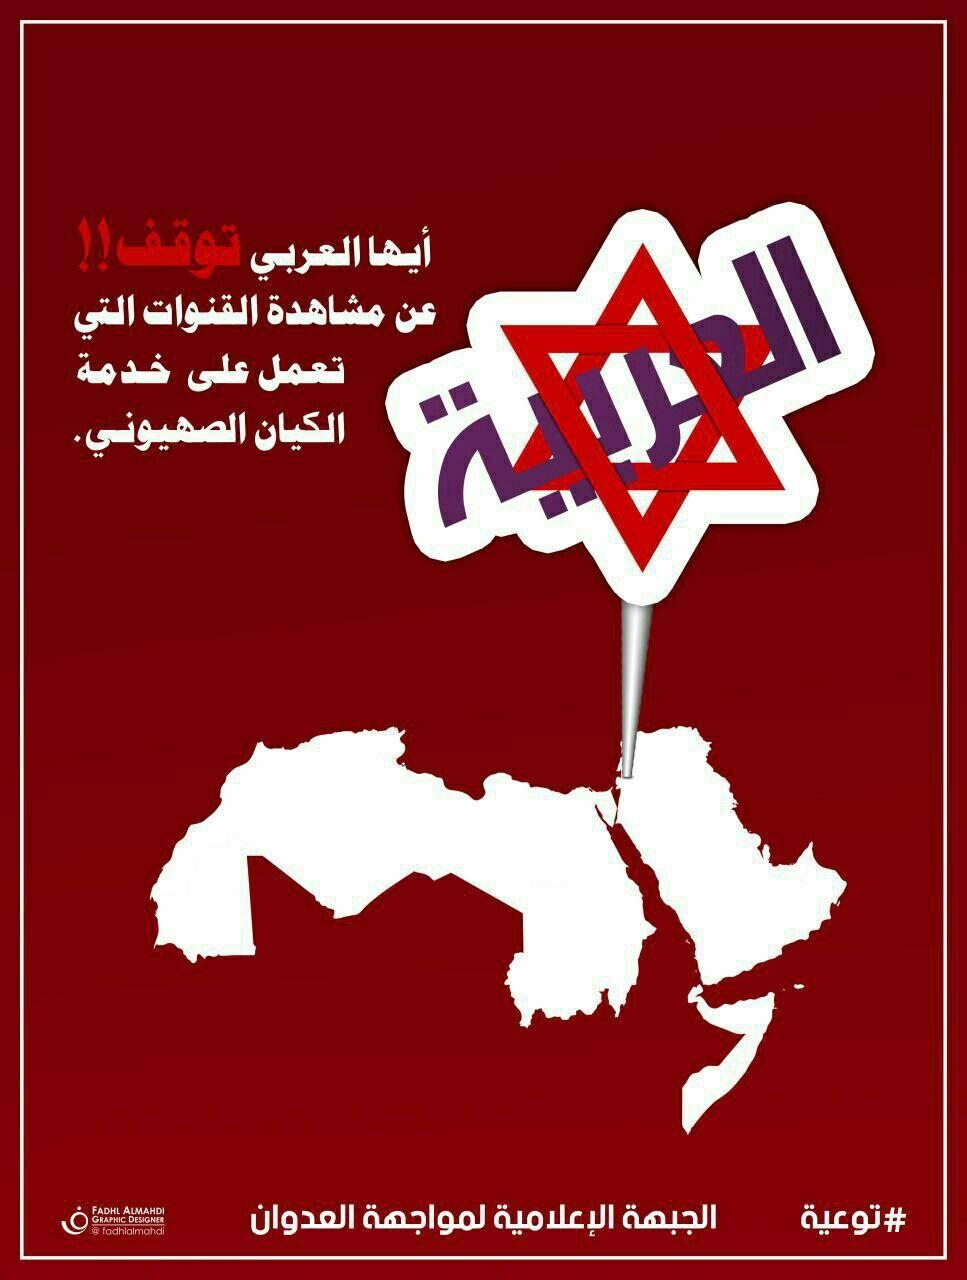 أيها العربي توقف عن مشاهدة القنوات التي تعمل على خدمة الصهيونية شارك في الـ توعية كن واعيا Poster Movie Posters Movies